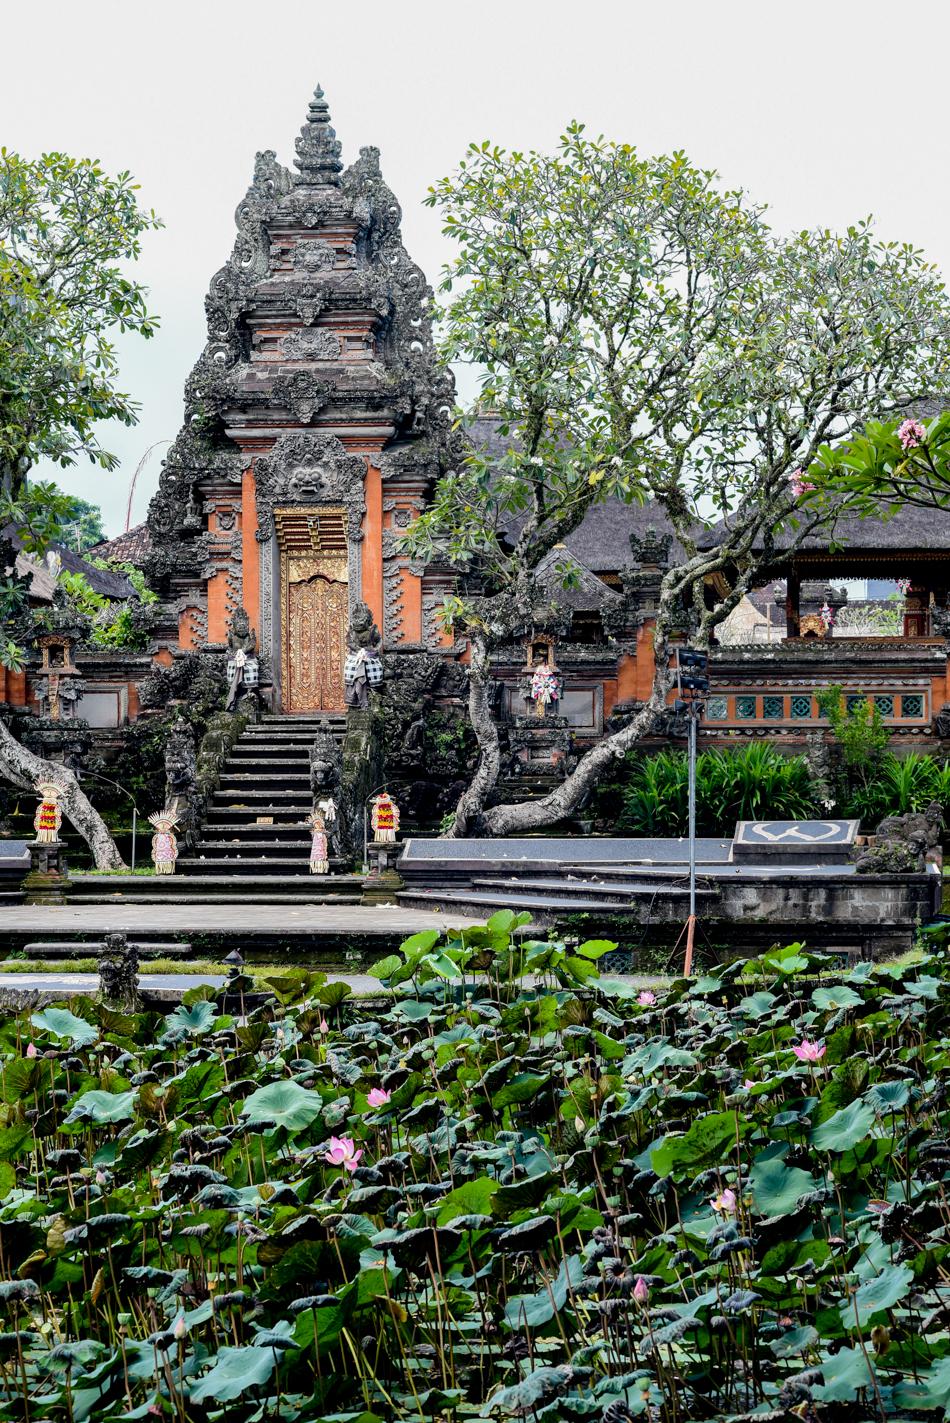 Bali-Honeymoon-Travel-AnaisStoelen-64.jpg